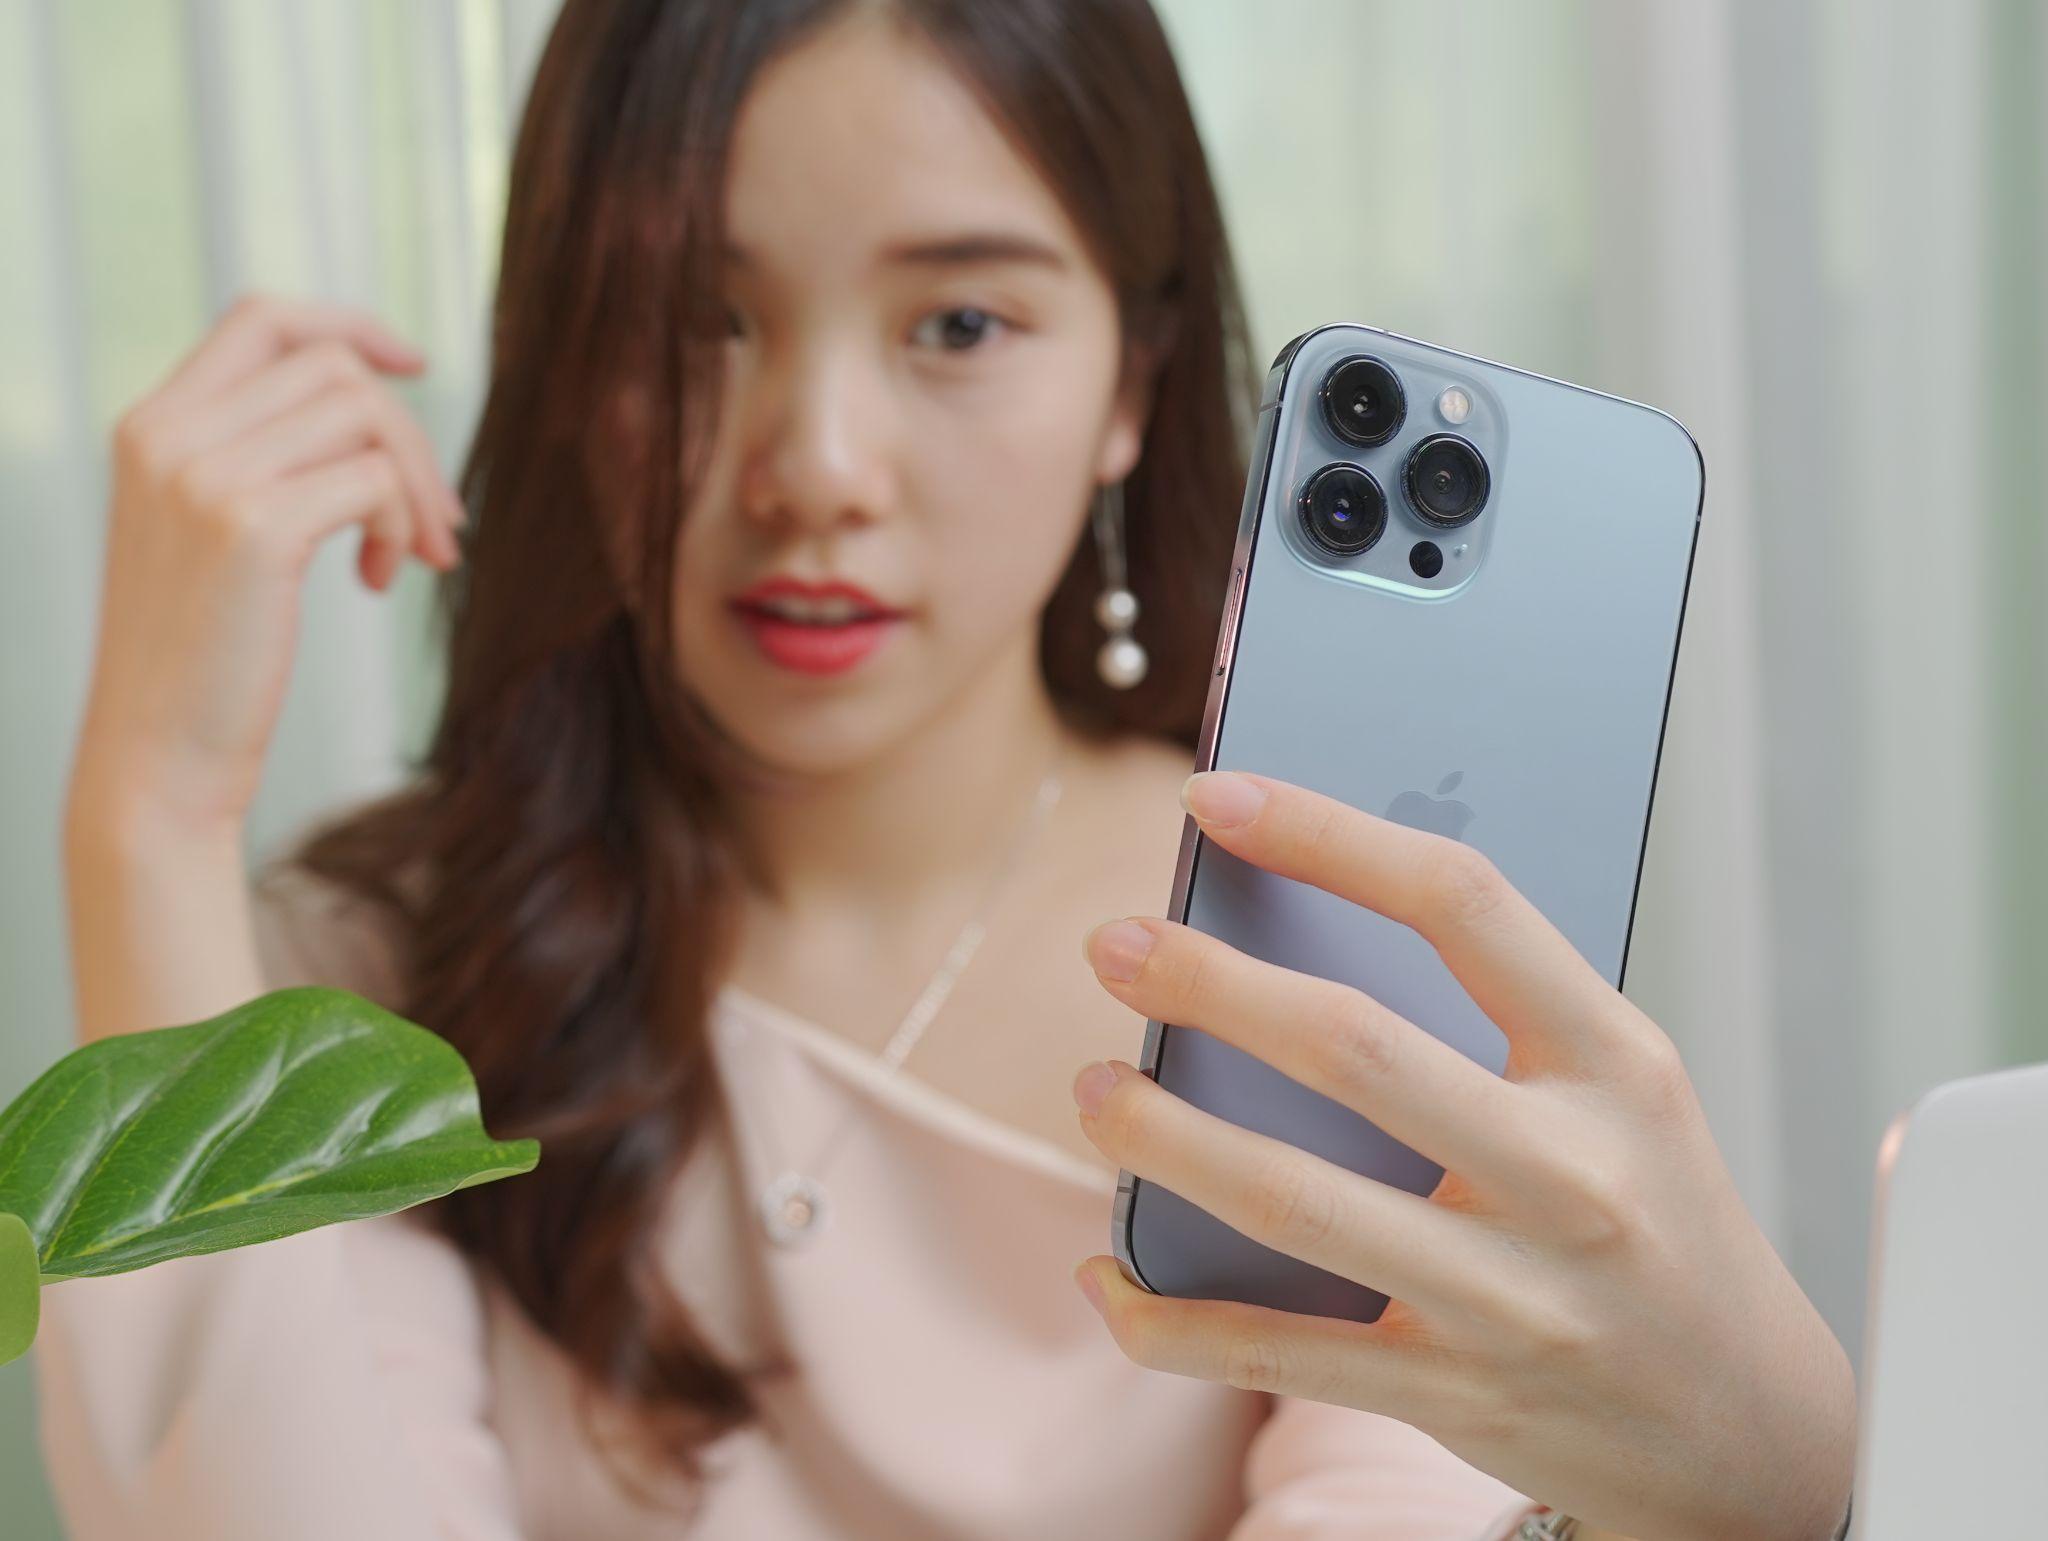 iPhone 13 Pro Max xách tay giá 45-50 triệu đồng tại Việt Nam nhưng không có hàng để bán - Ảnh 2.